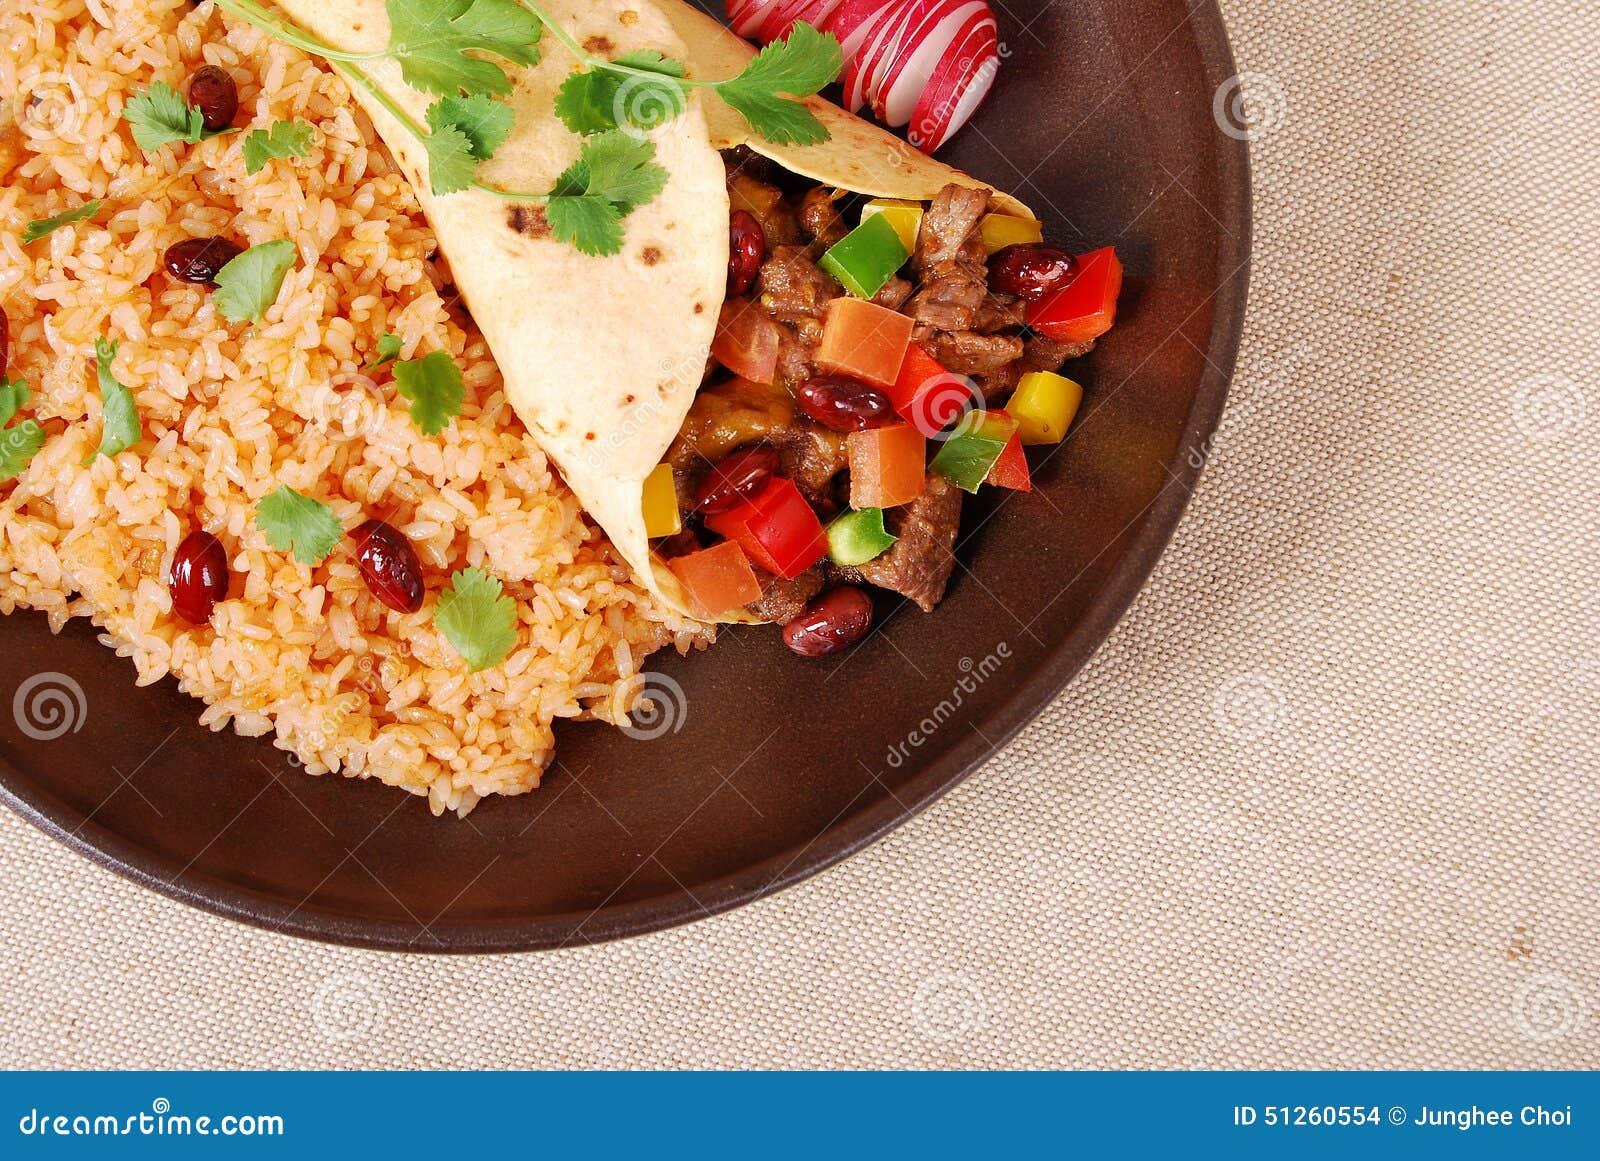 De sandwich van de Burritoomslag